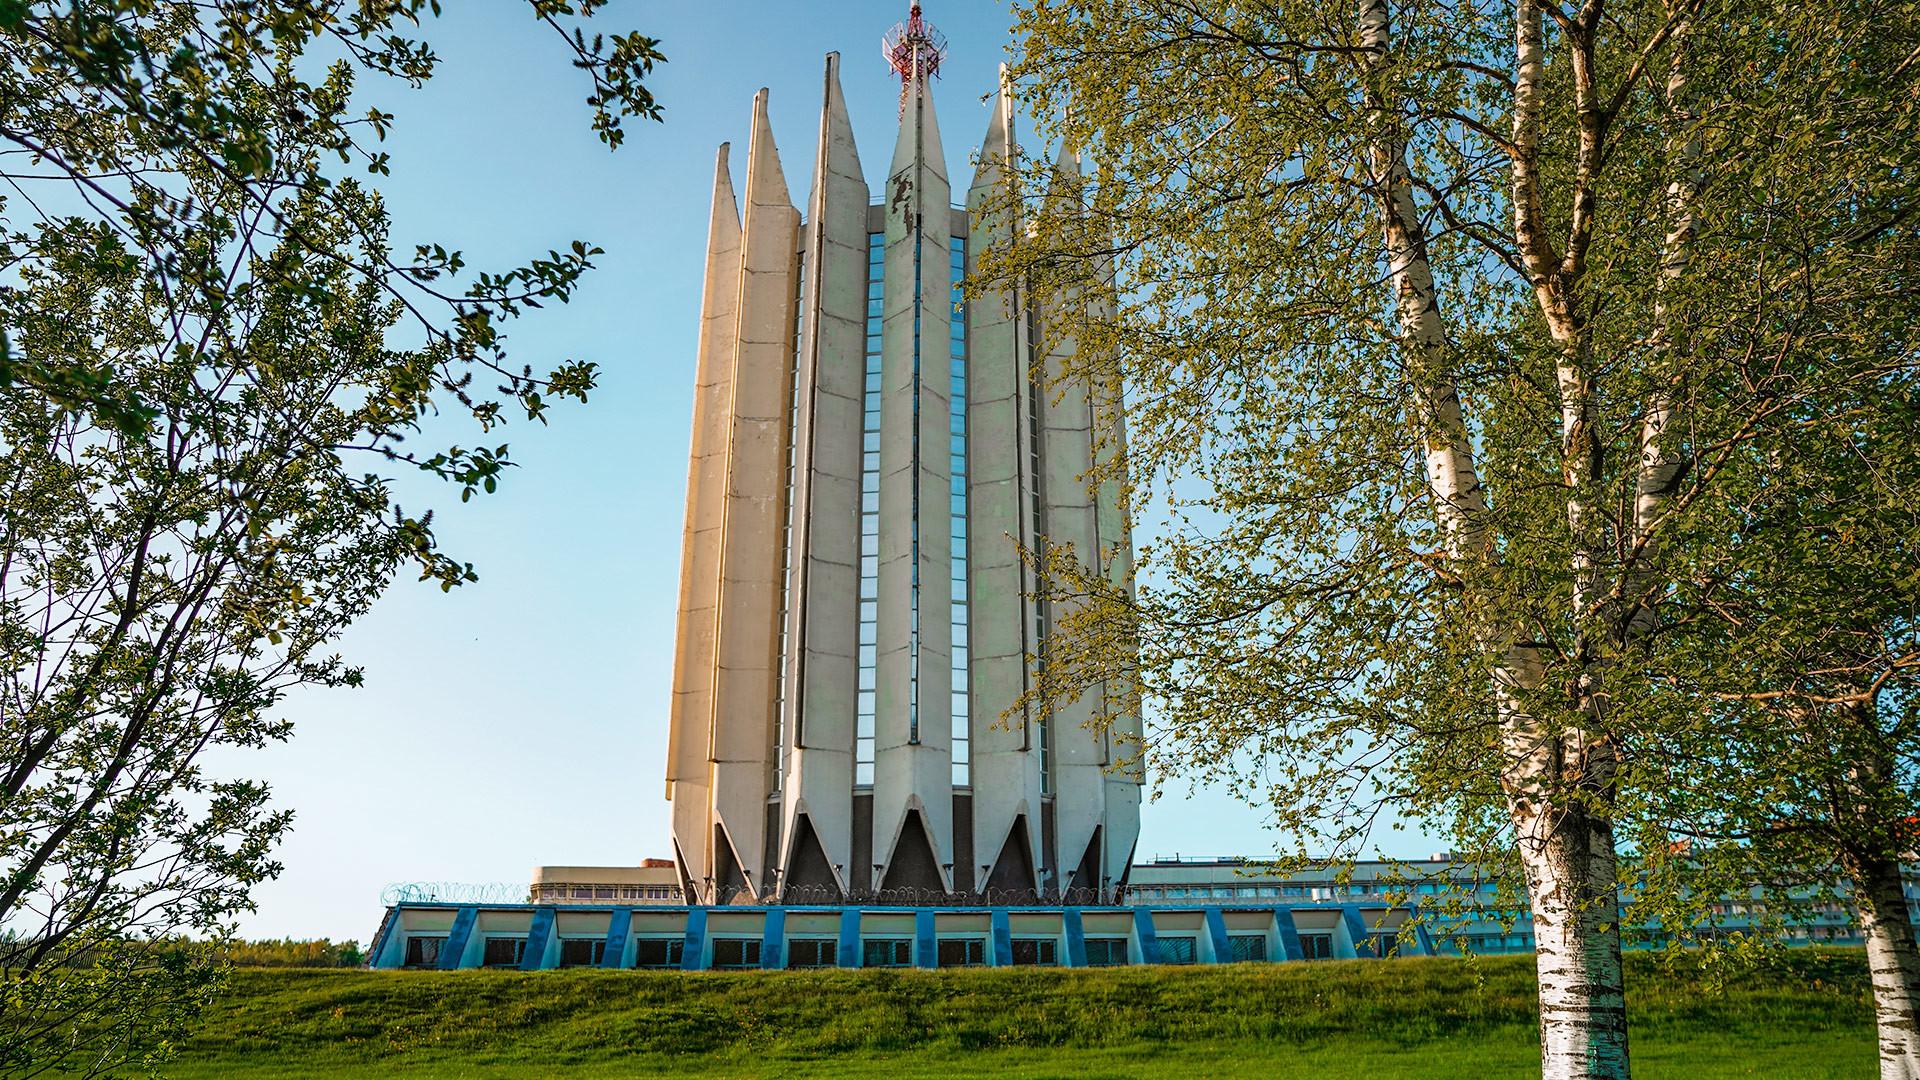 Центральный научно-исследовательский институт робототехники в Петербурге.